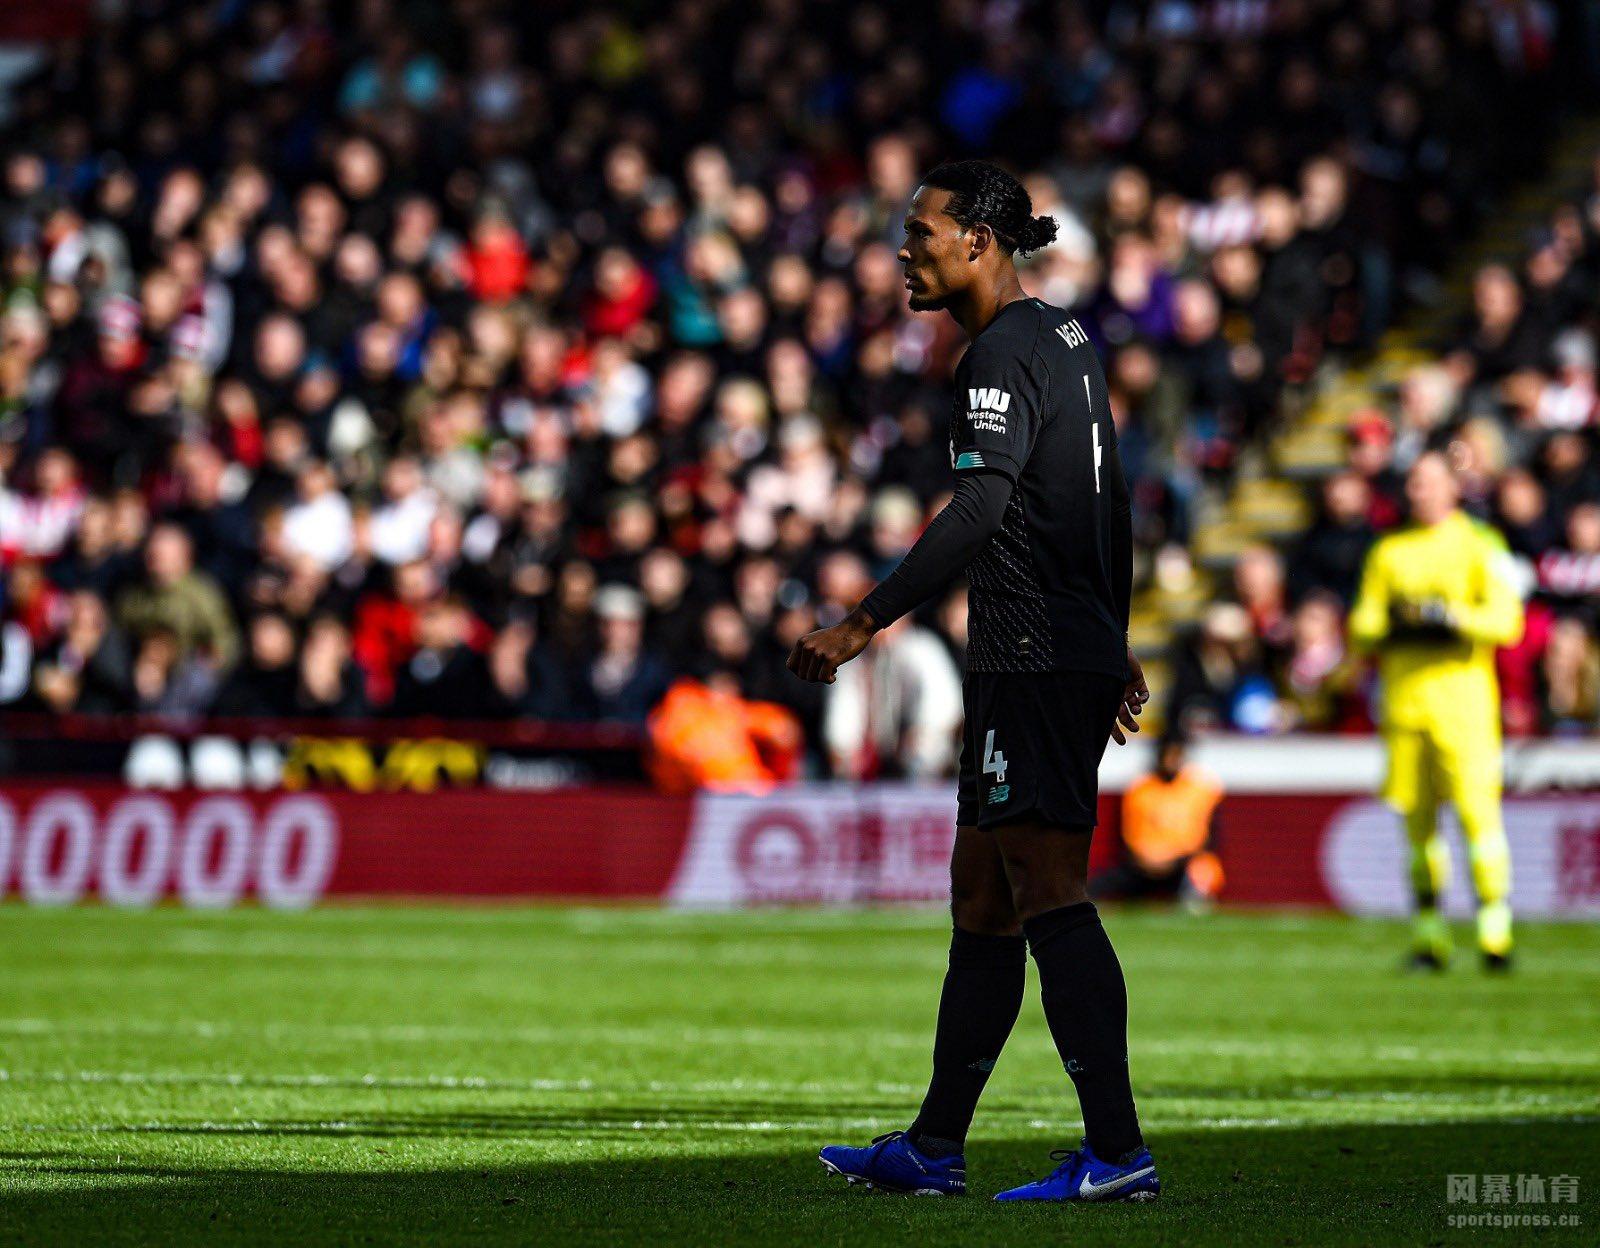 北京时间9月28日晚19点30分,2019-20赛季英超第7轮在布拉莫巷体育场展开角逐,利物浦客场挑战谢菲尔德联。上半场马内失单刀后中柱,下半场维纳尔杜姆打破僵局,萨拉赫失单刀。最终利物浦客场1-0战胜谢菲尔德联,红军豪取联赛7连胜,跨赛季16连胜。